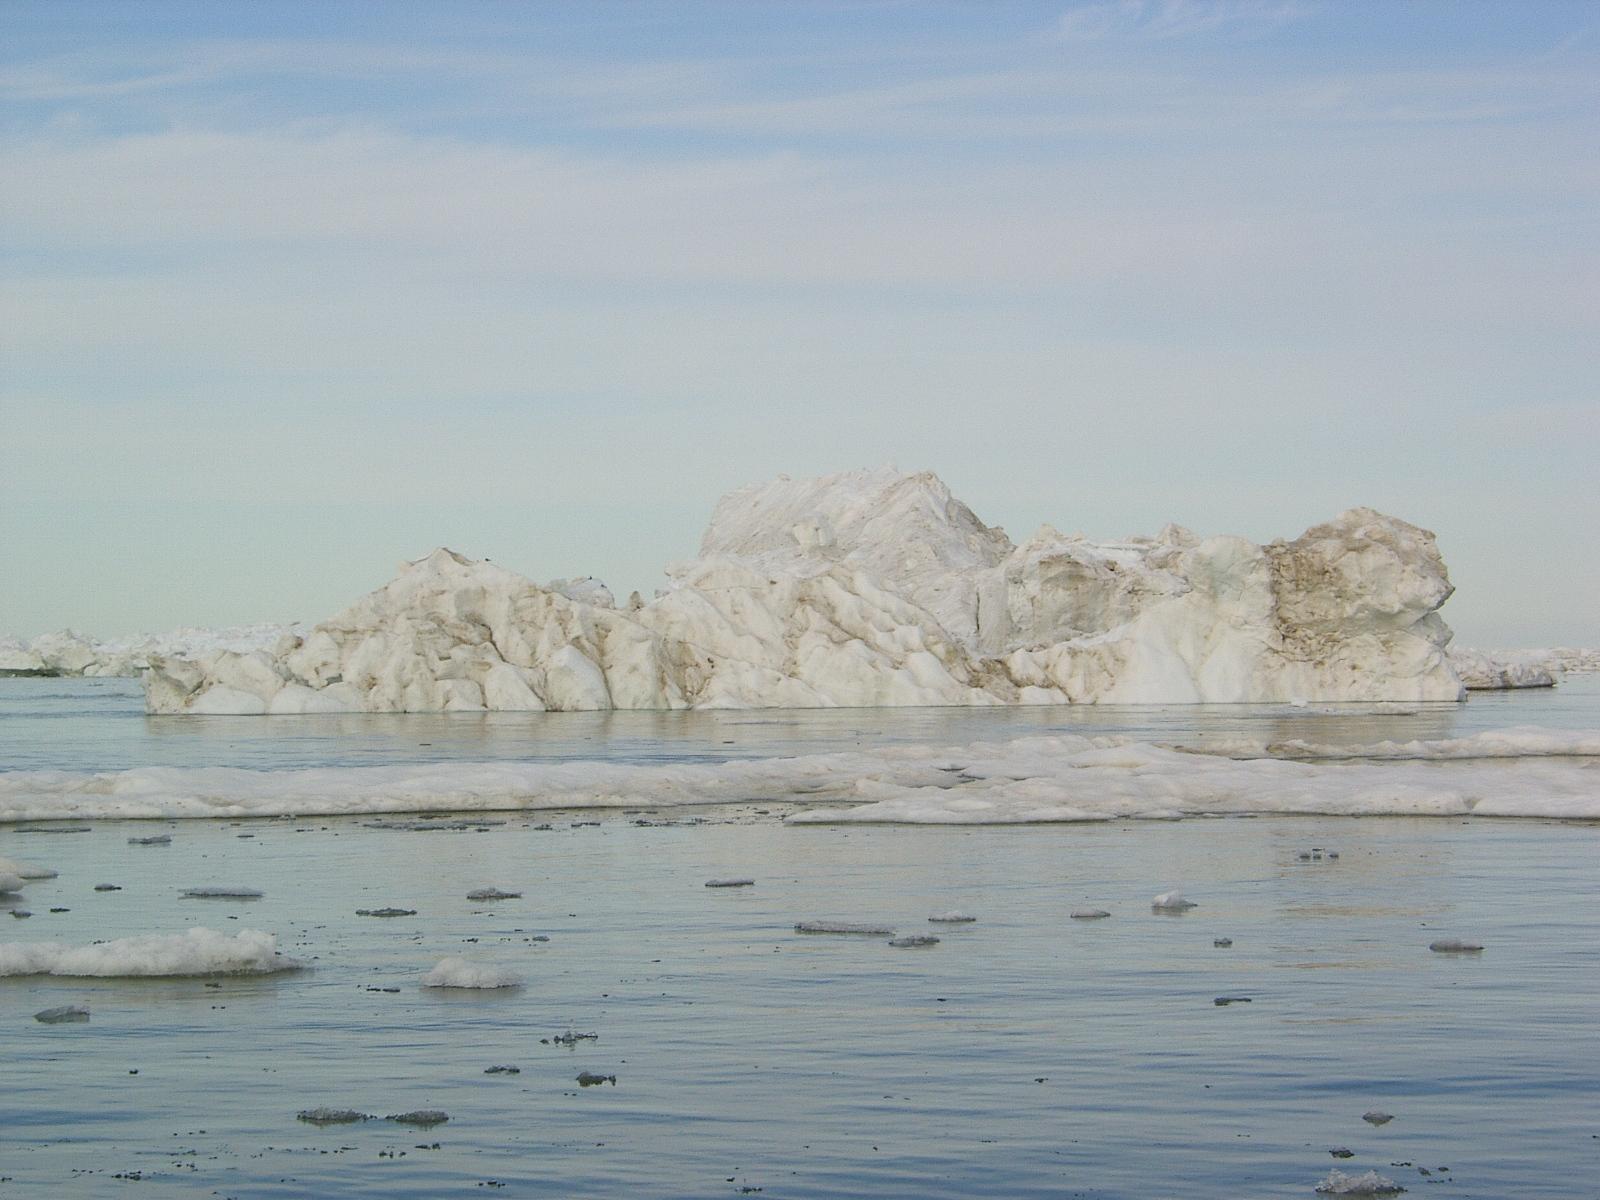 Iceberg 3 by Arctic-Stock